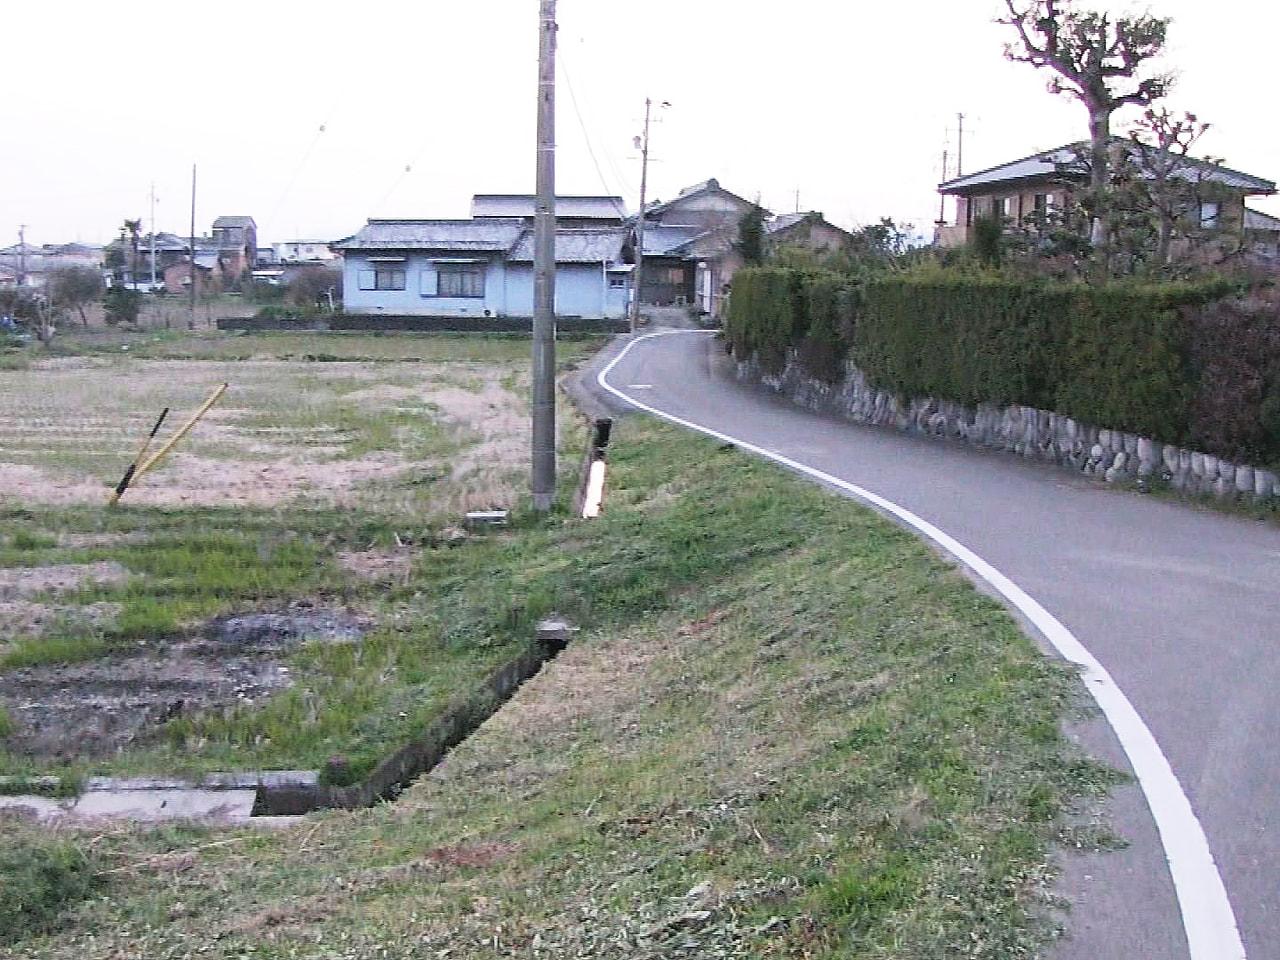 岐阜市で2020年、ホームレス(路上生活者)の男性に暴行を加えて死亡させたとして...